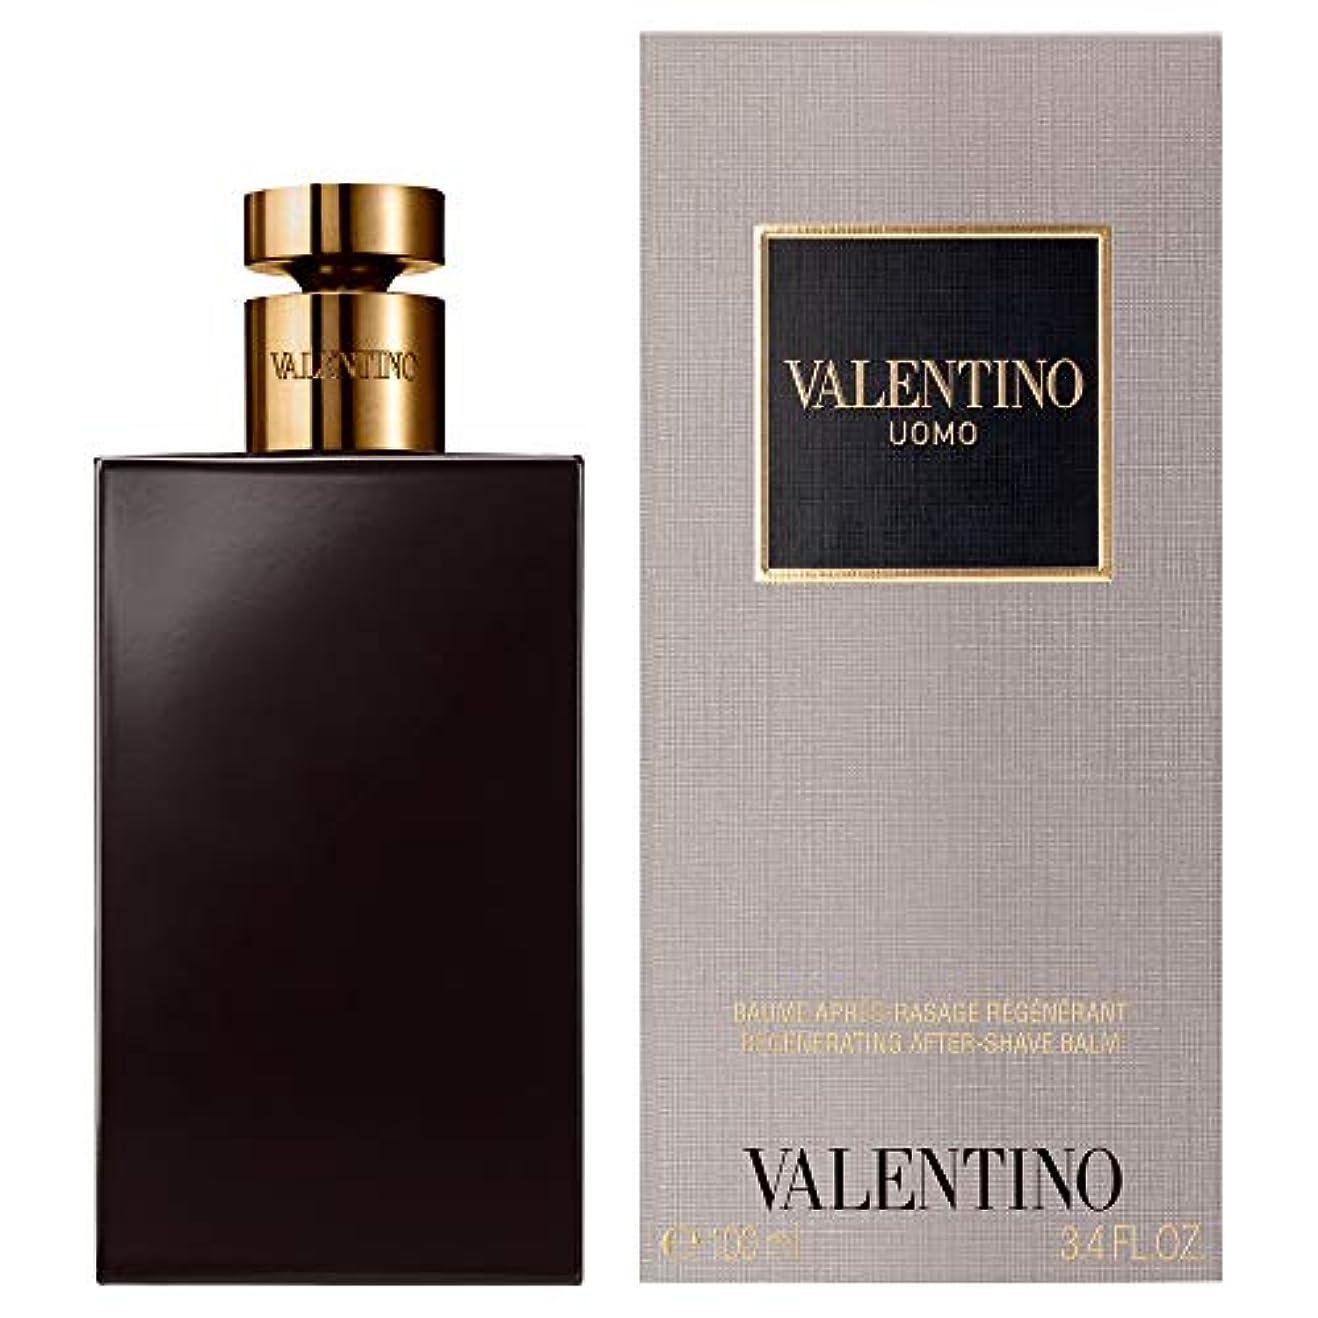 専門スーツケース法王[Valentino] バレンティーノ・ウォモとしてバーム100ミリリットル - Valentino Uomo AS Balm 100ml [並行輸入品]